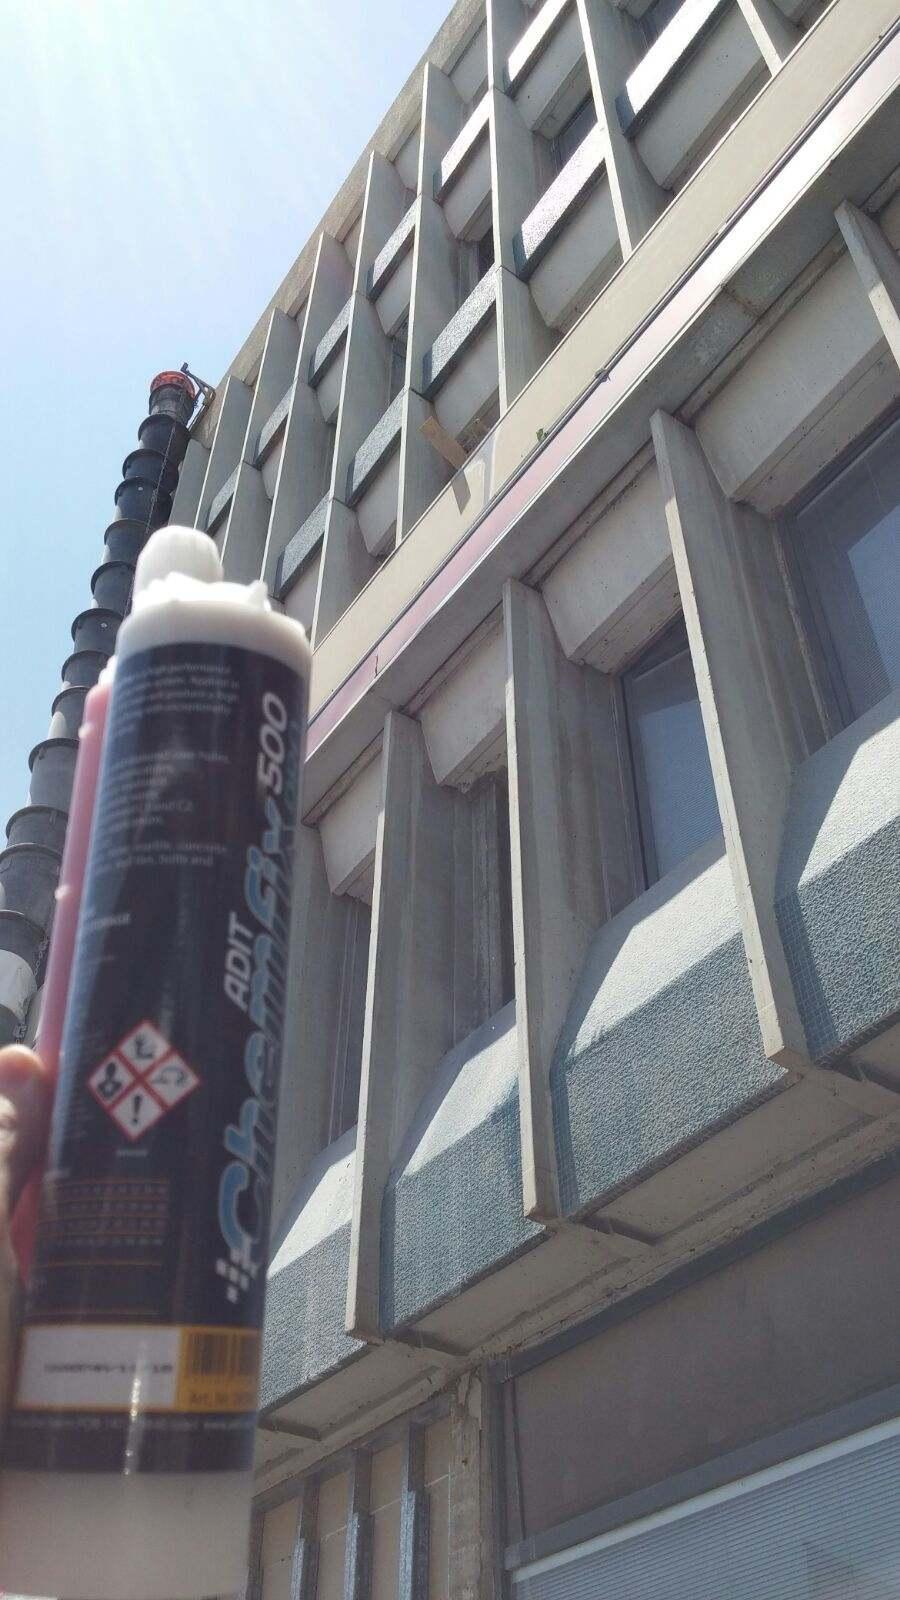 מסודר מגדלי שוקן 18 תל אביב - עיגון כימי לקוצים עם עוגן כימי אפוקסי NF-48